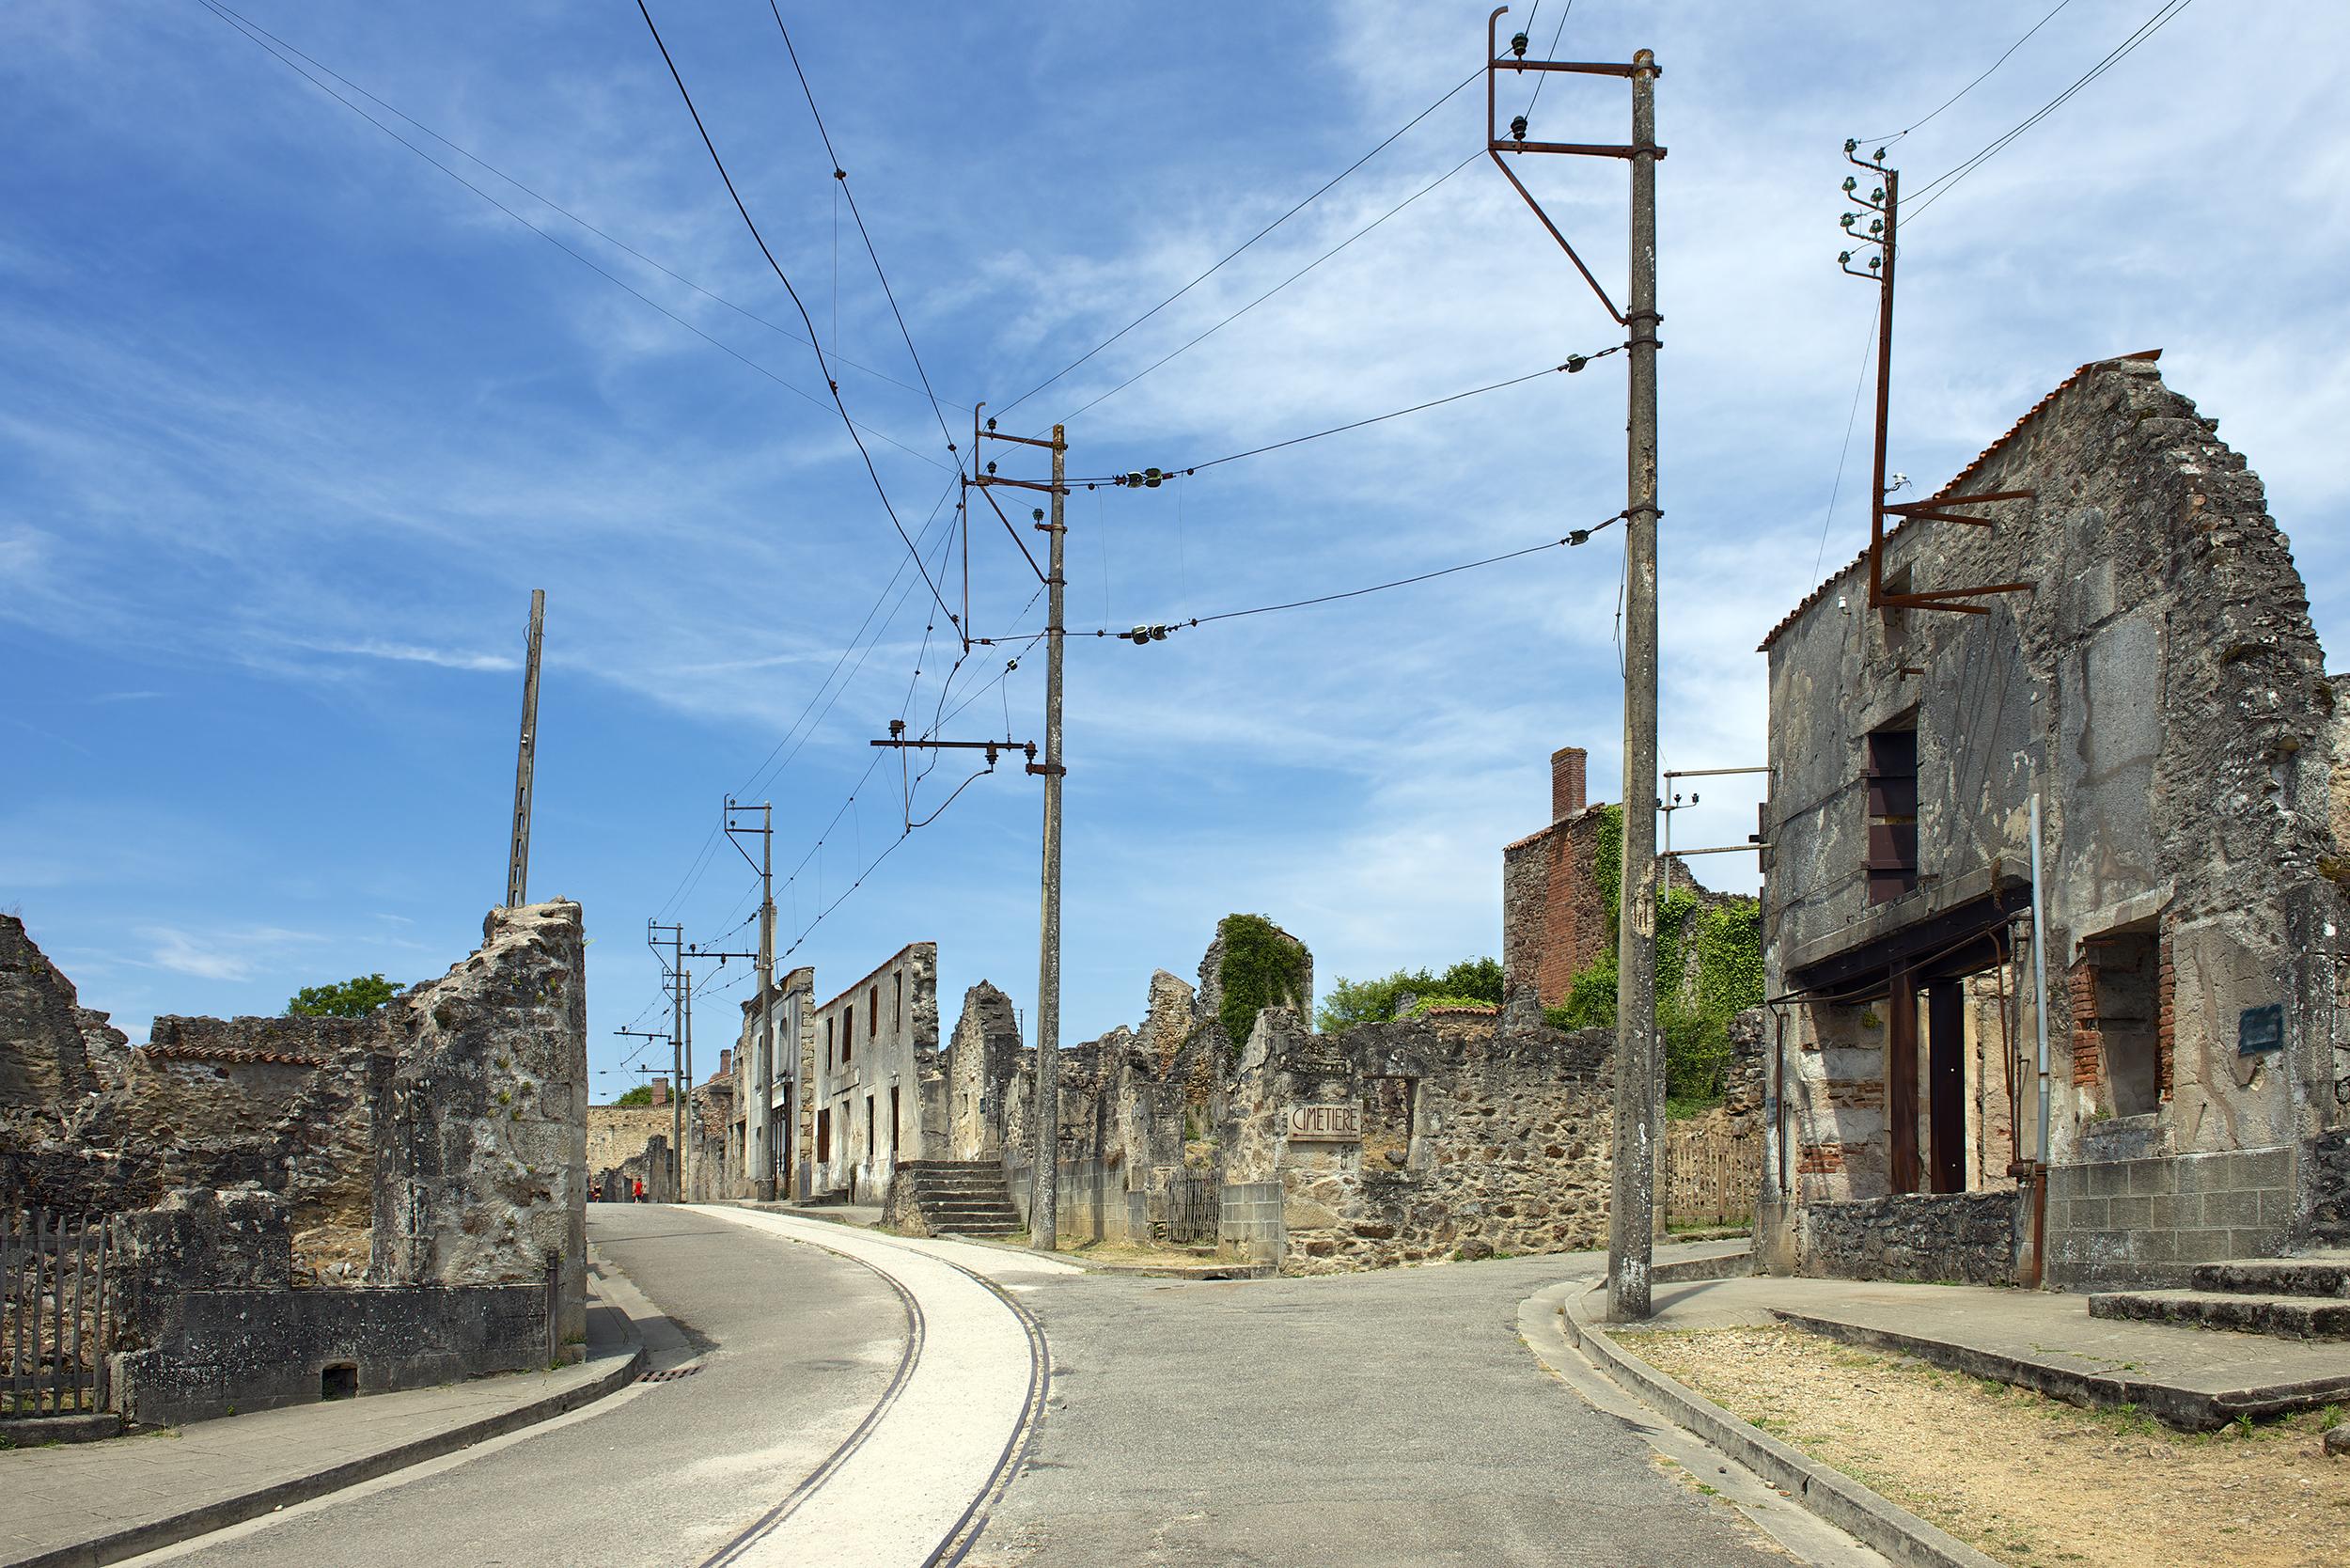 Oradour-sur-Glane, Limousin, France  | June 22, 2014